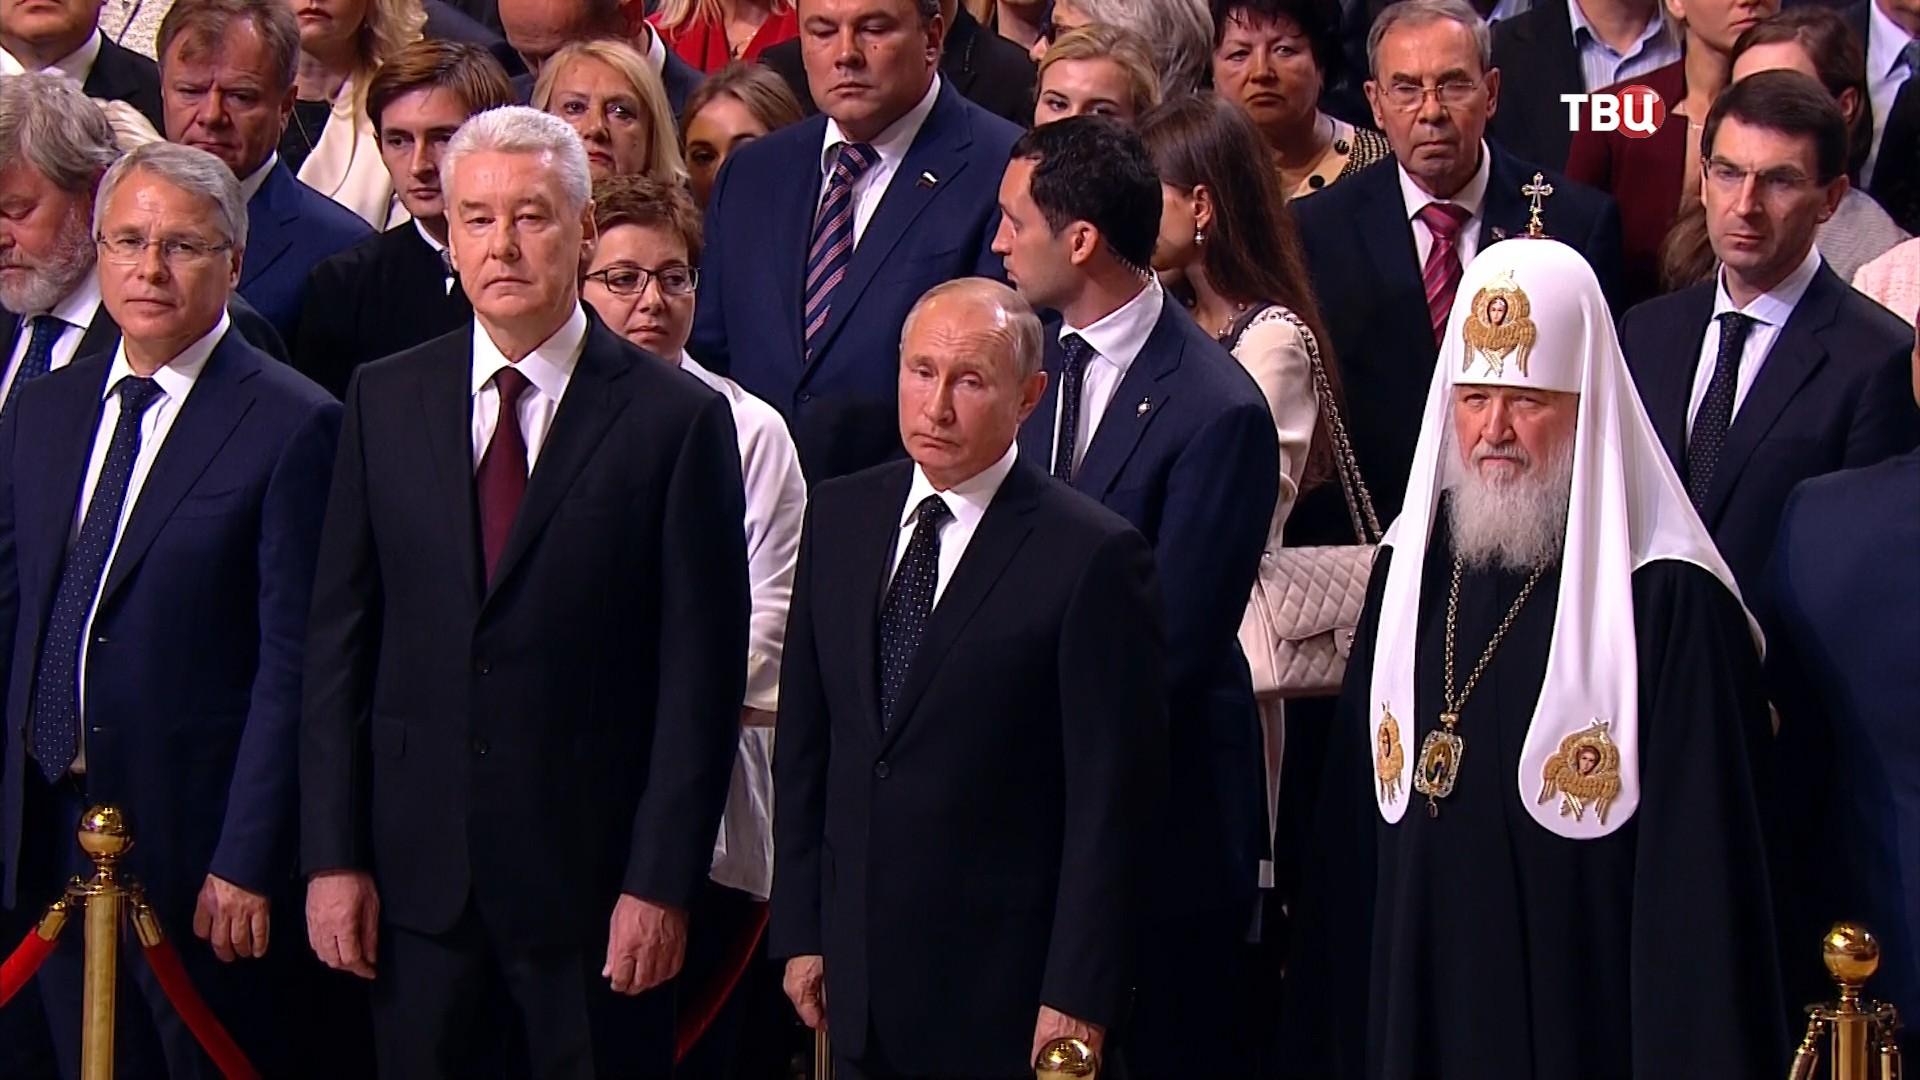 Инаугурация Сергея Собянина на должность мэра Москвы